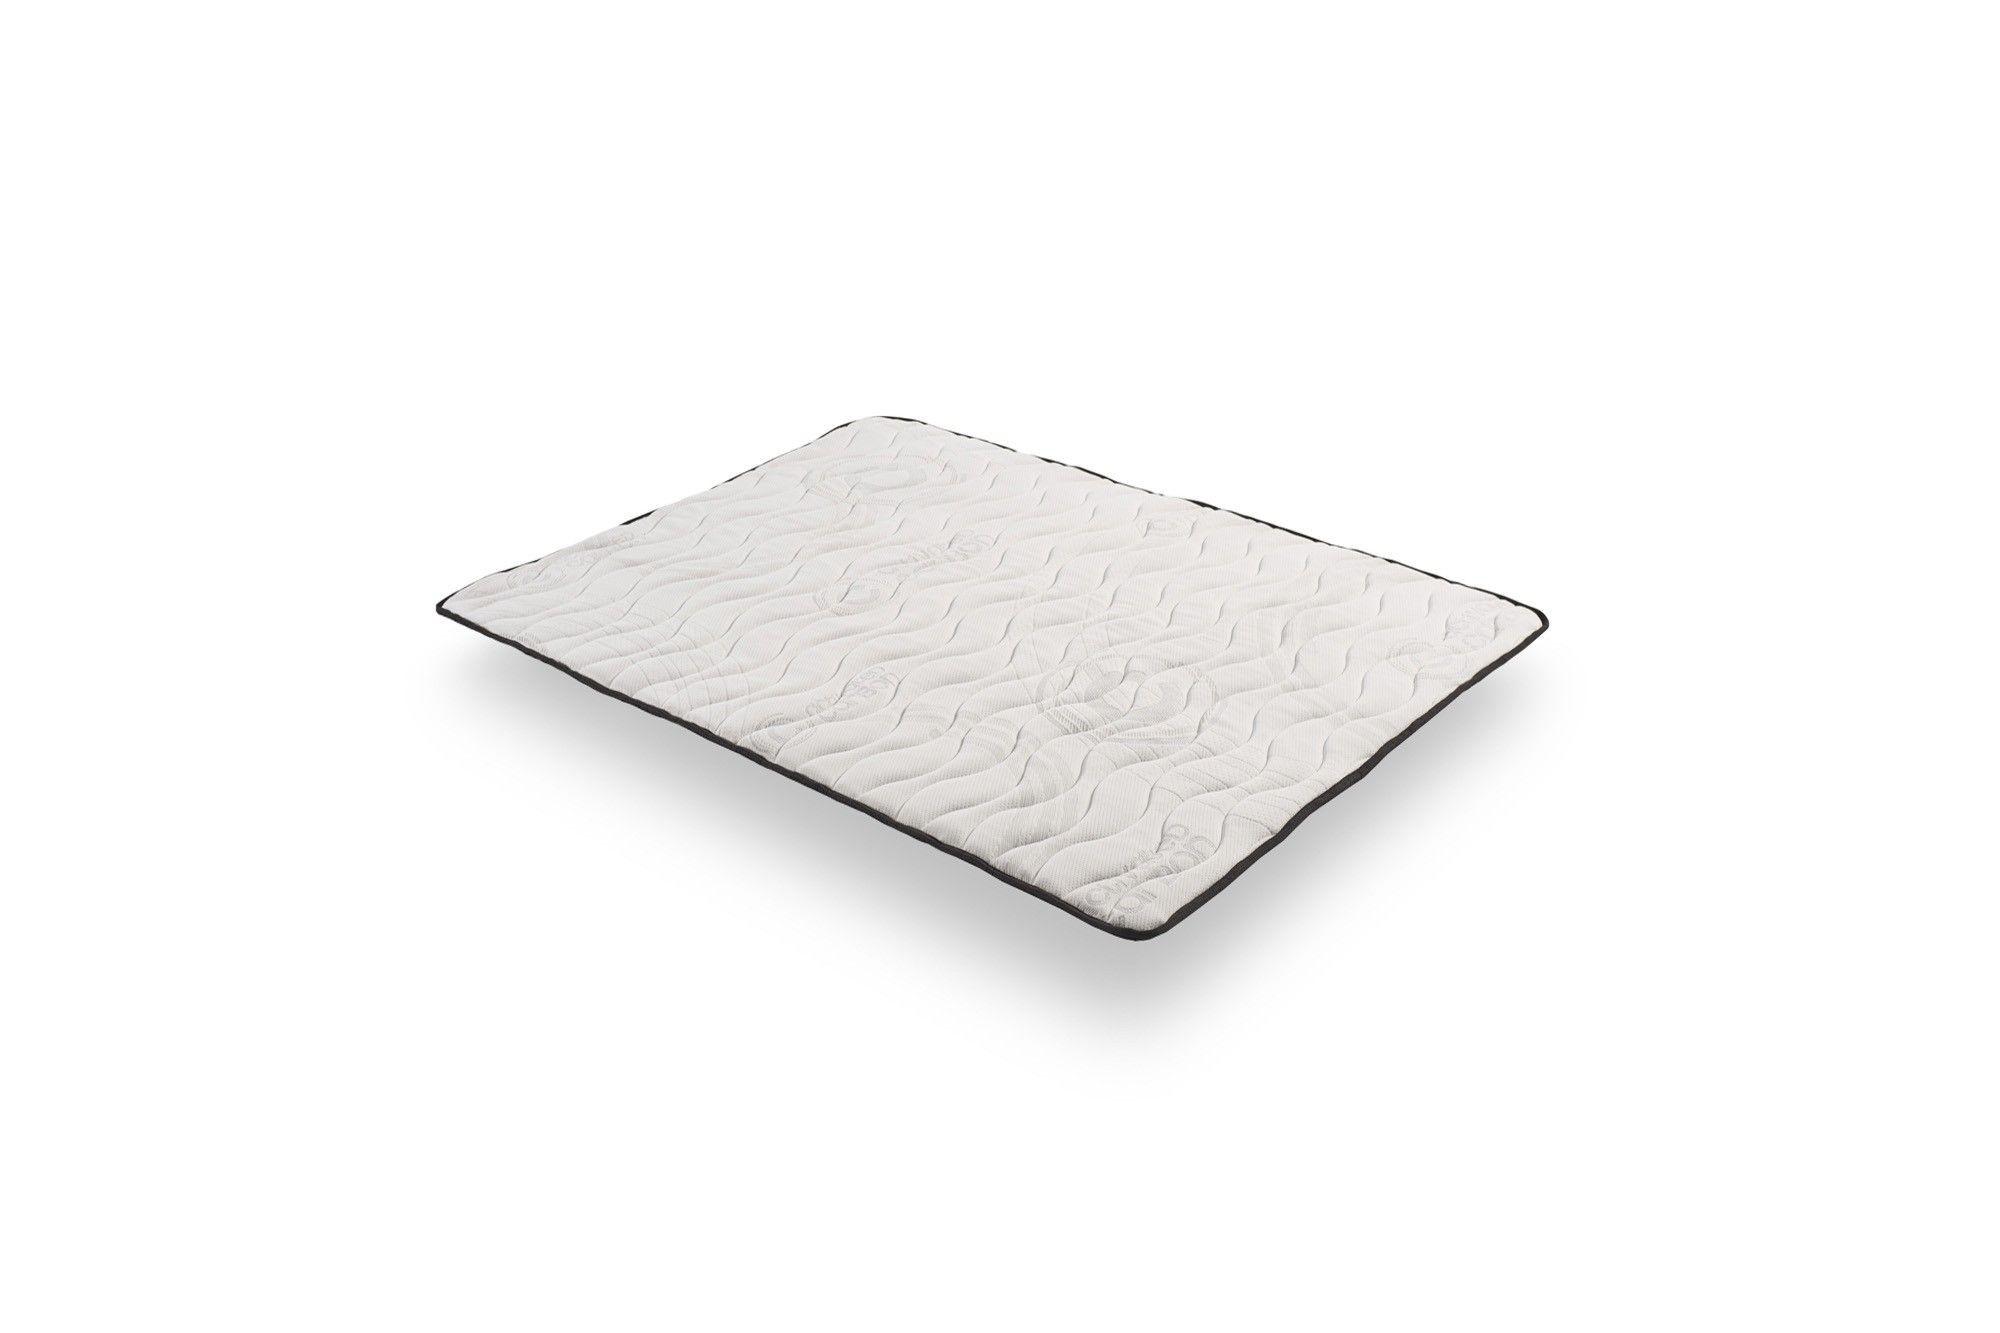 TOPPER CARBON Materasso con tecnologia Bi-Density® in Carbon Actif Latex e Blue Latex® Biancheria da letto Cosmos®